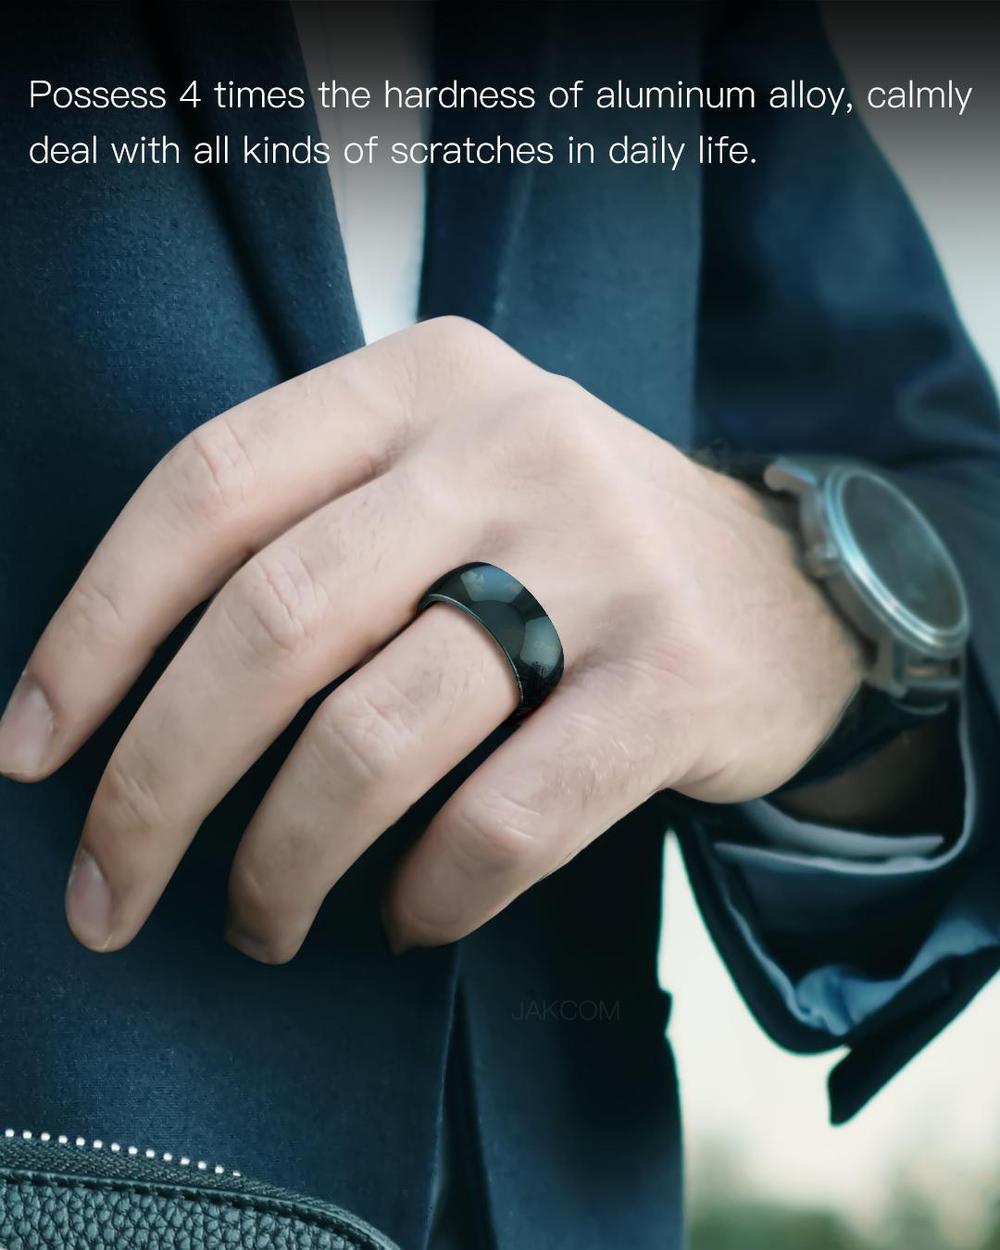 telefone relógios masculino hw22 pro relógio inteligente